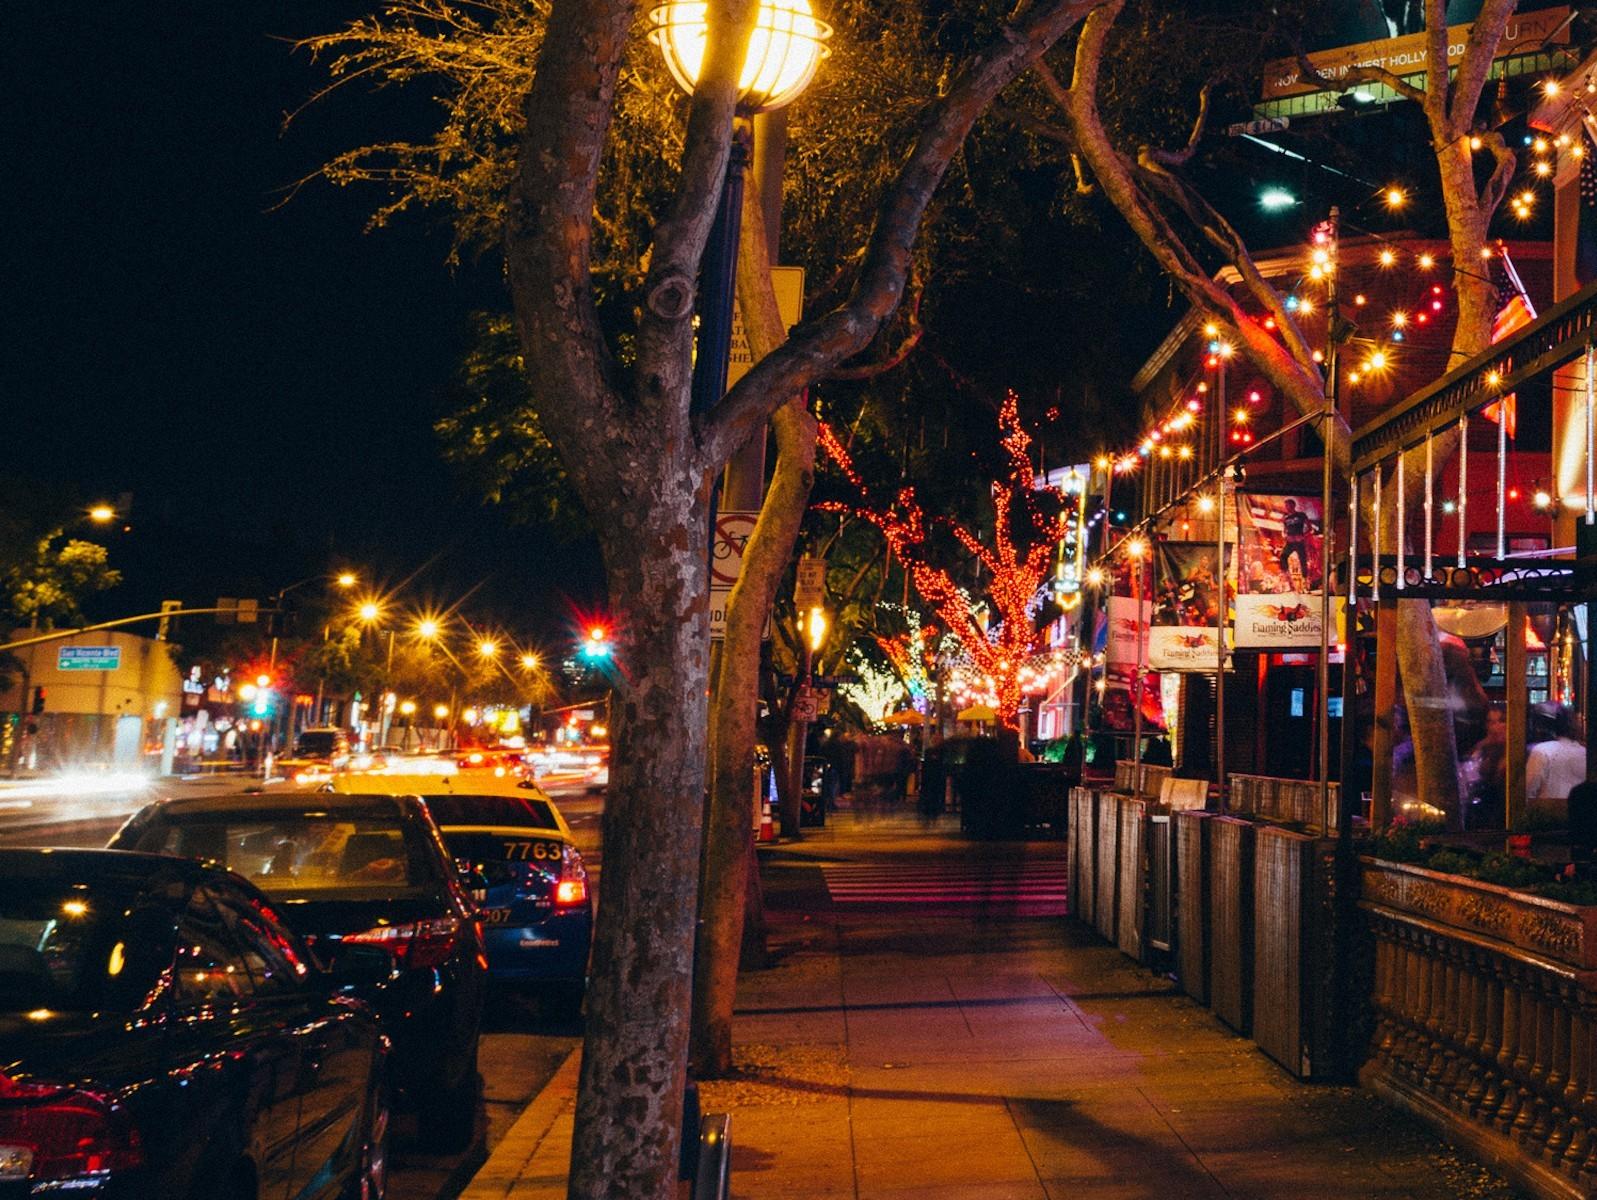 西好莱坞为扩大户外用餐实施封闭部分街区